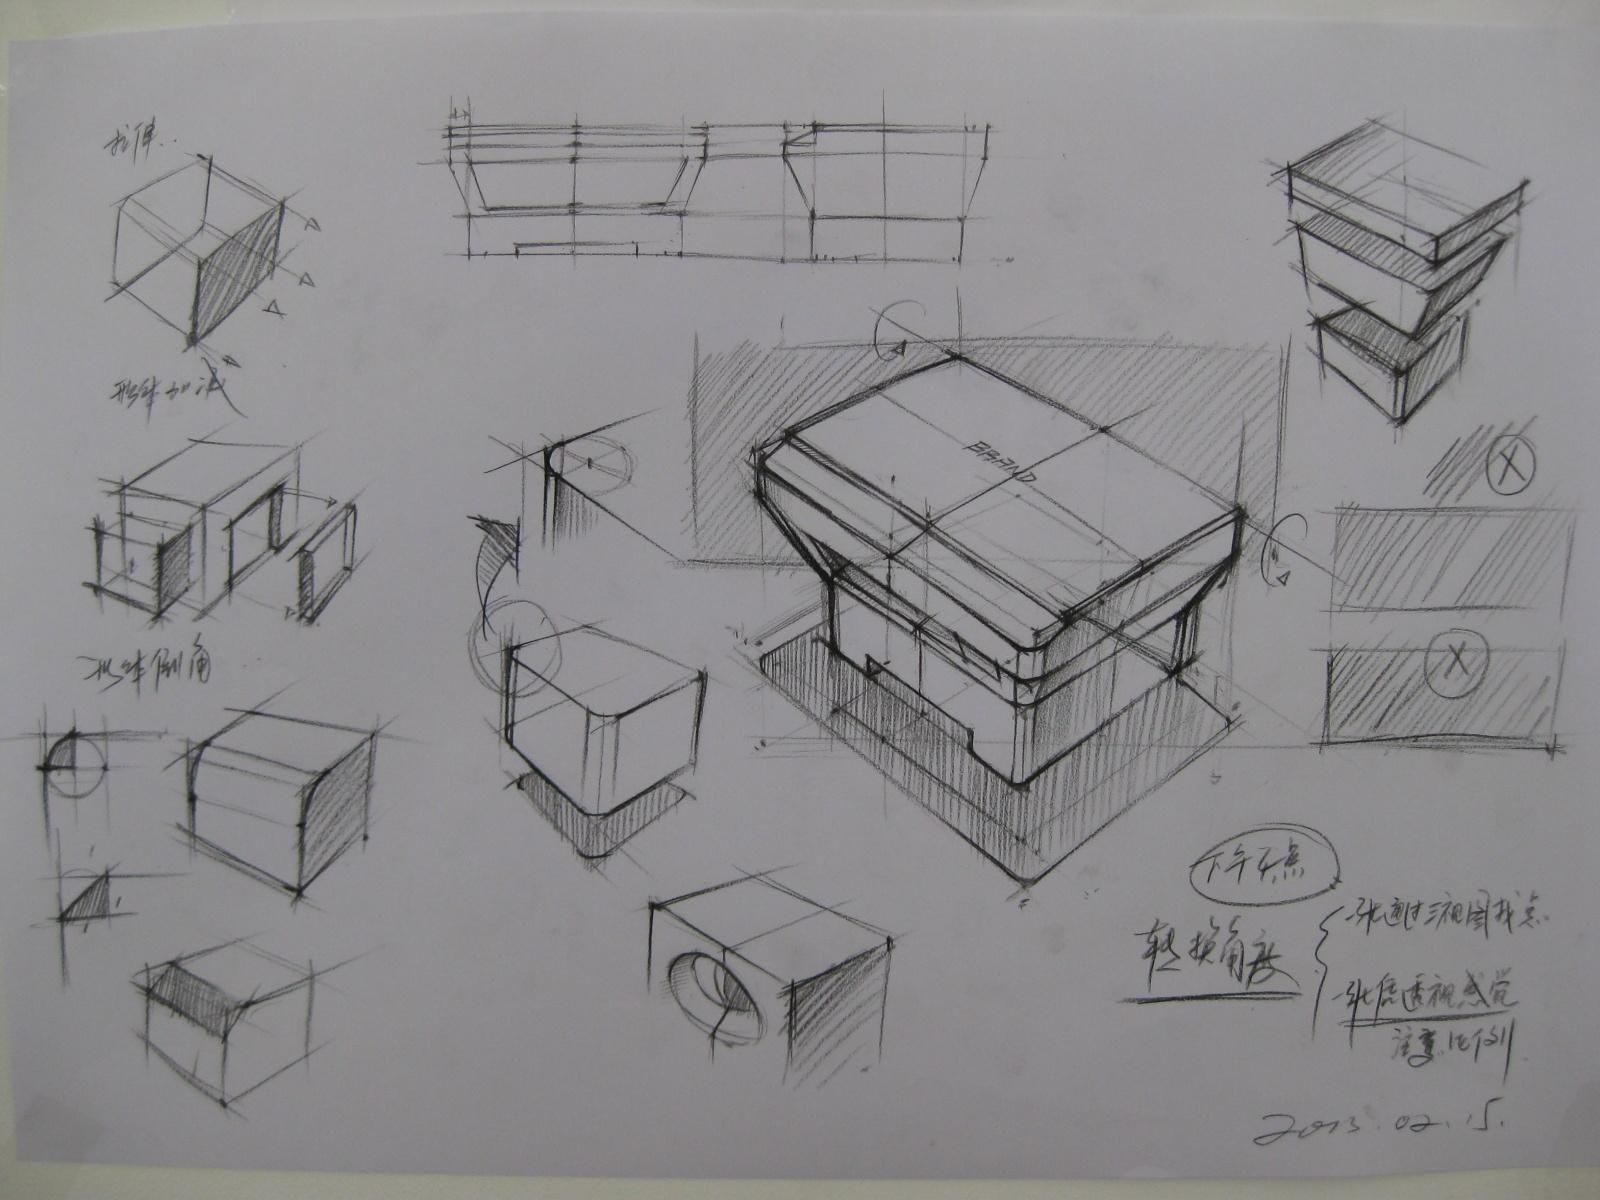 14ing 产品手绘训练|工业/产品|生活用品|zlido